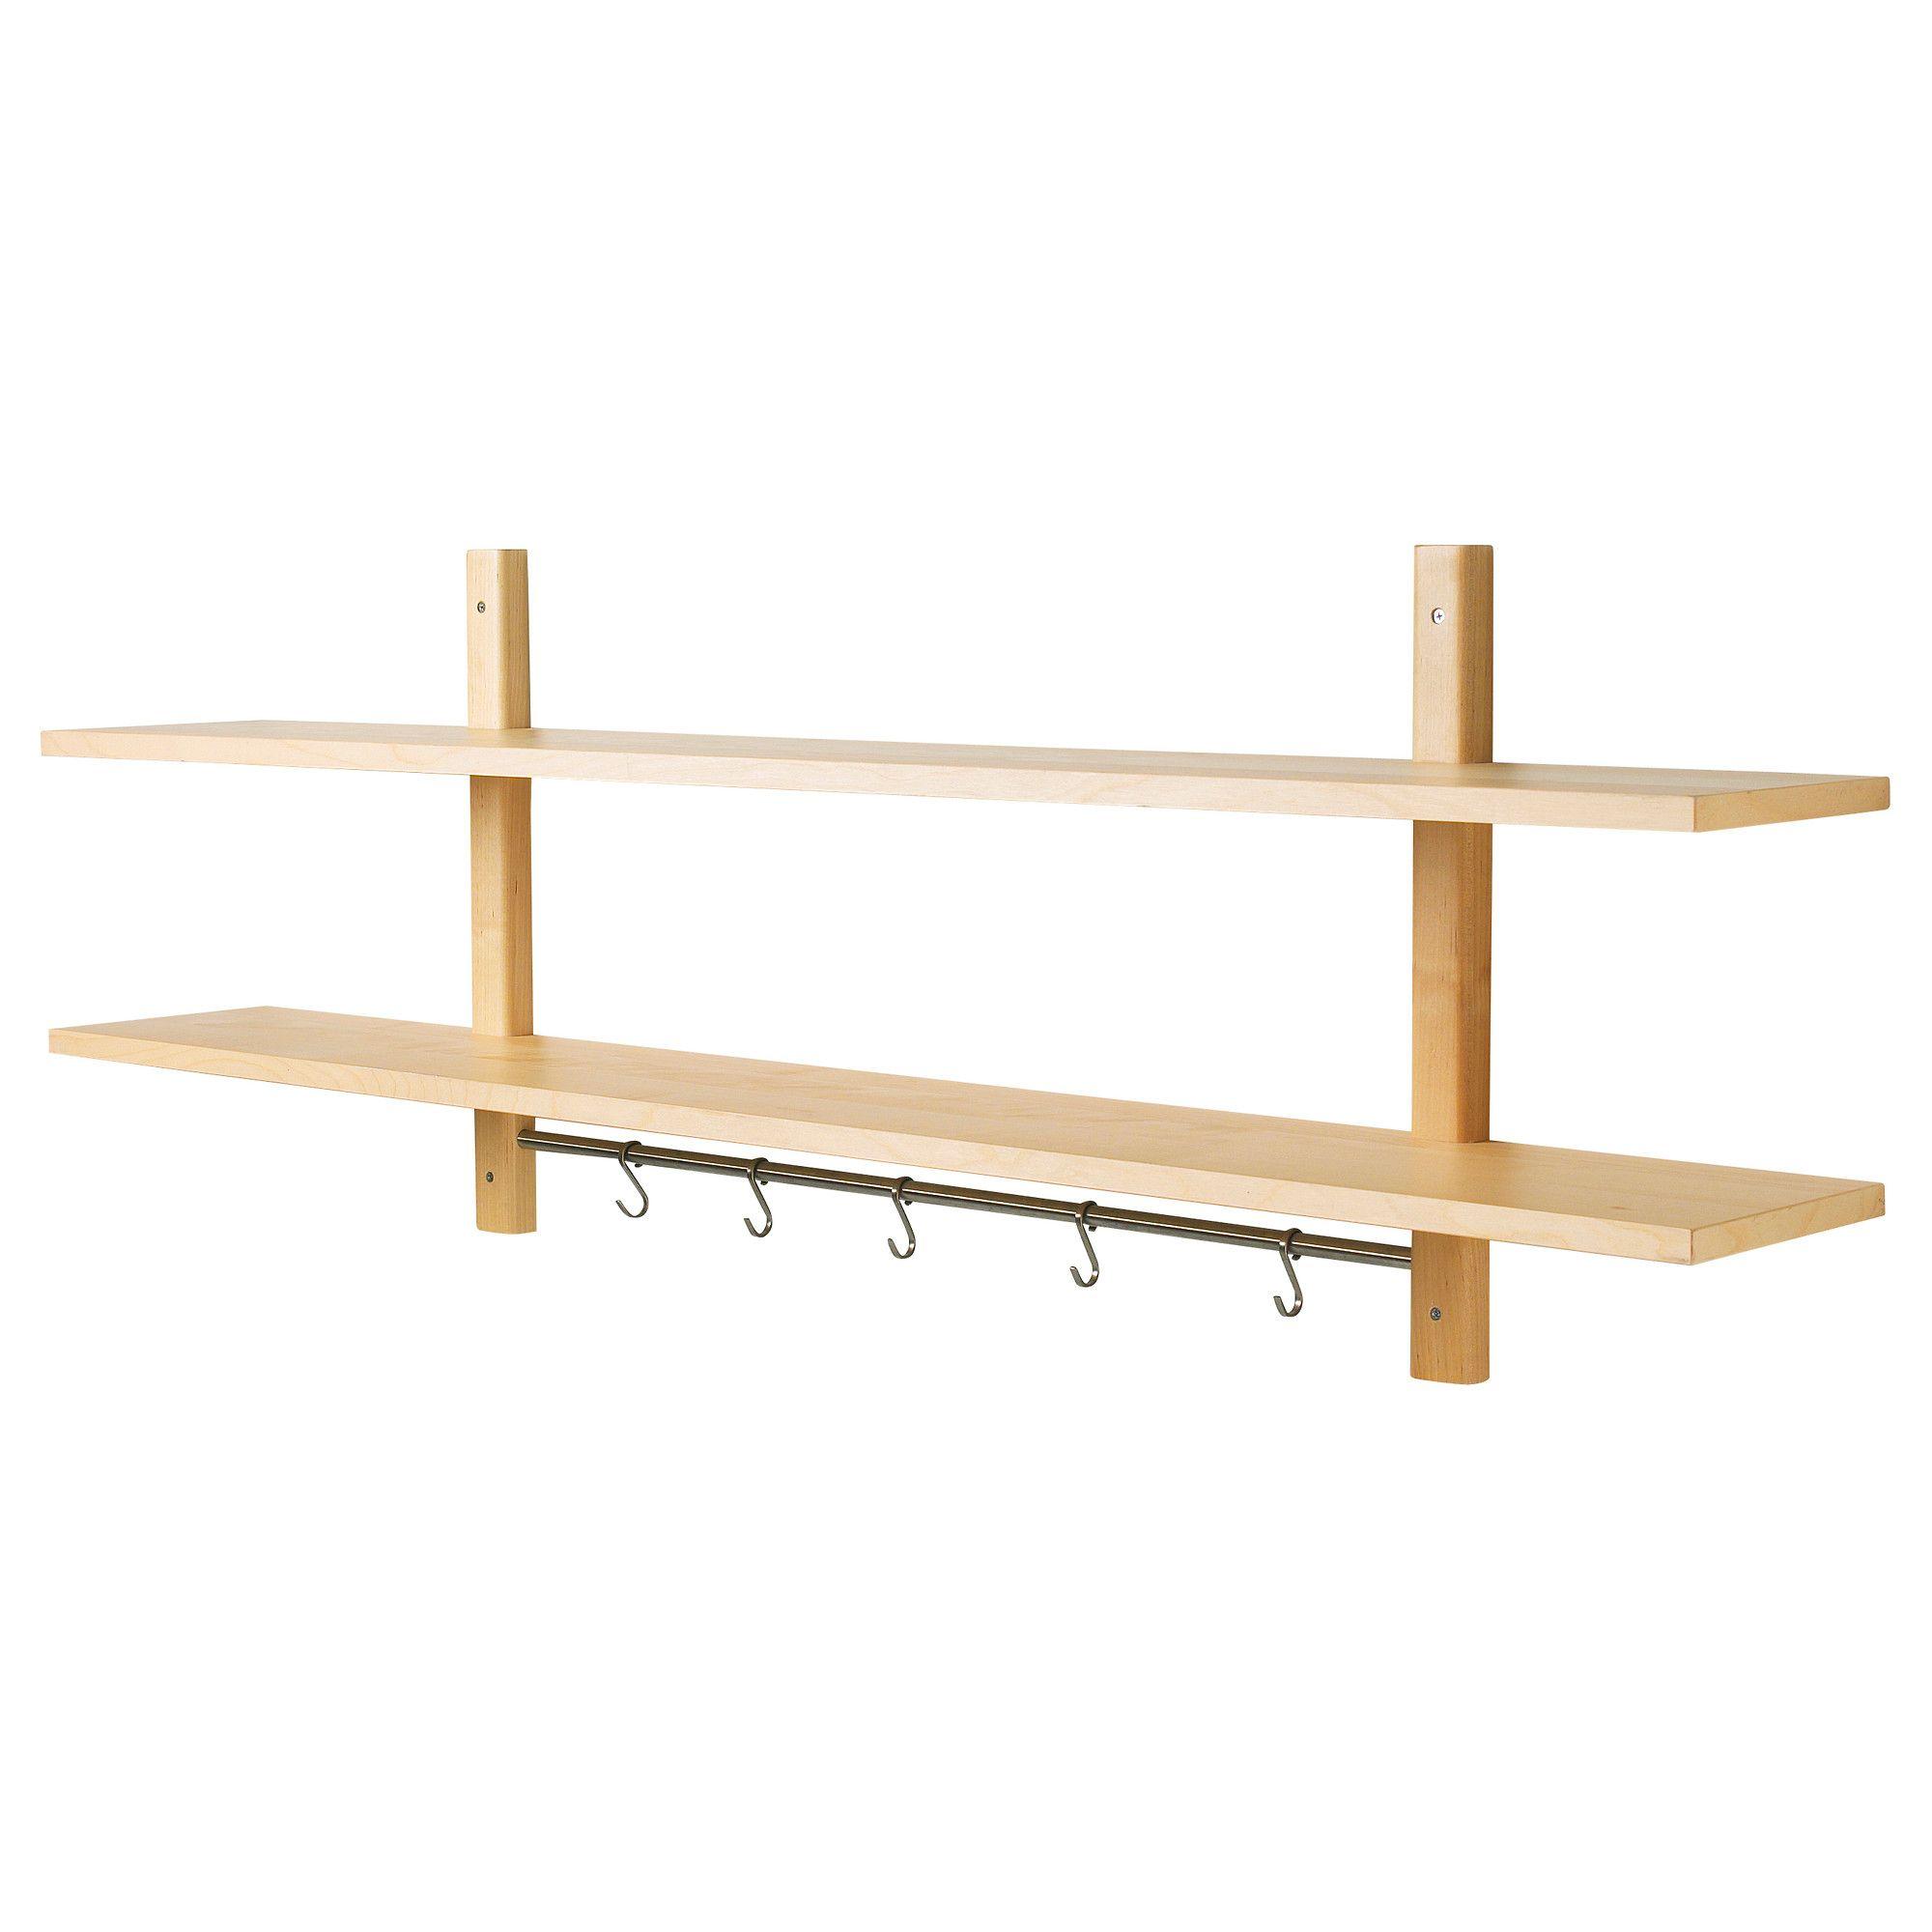 VäRDE Vägghylla med 5 krokar björk IKEA Projekt att testa Pinterest Ikea